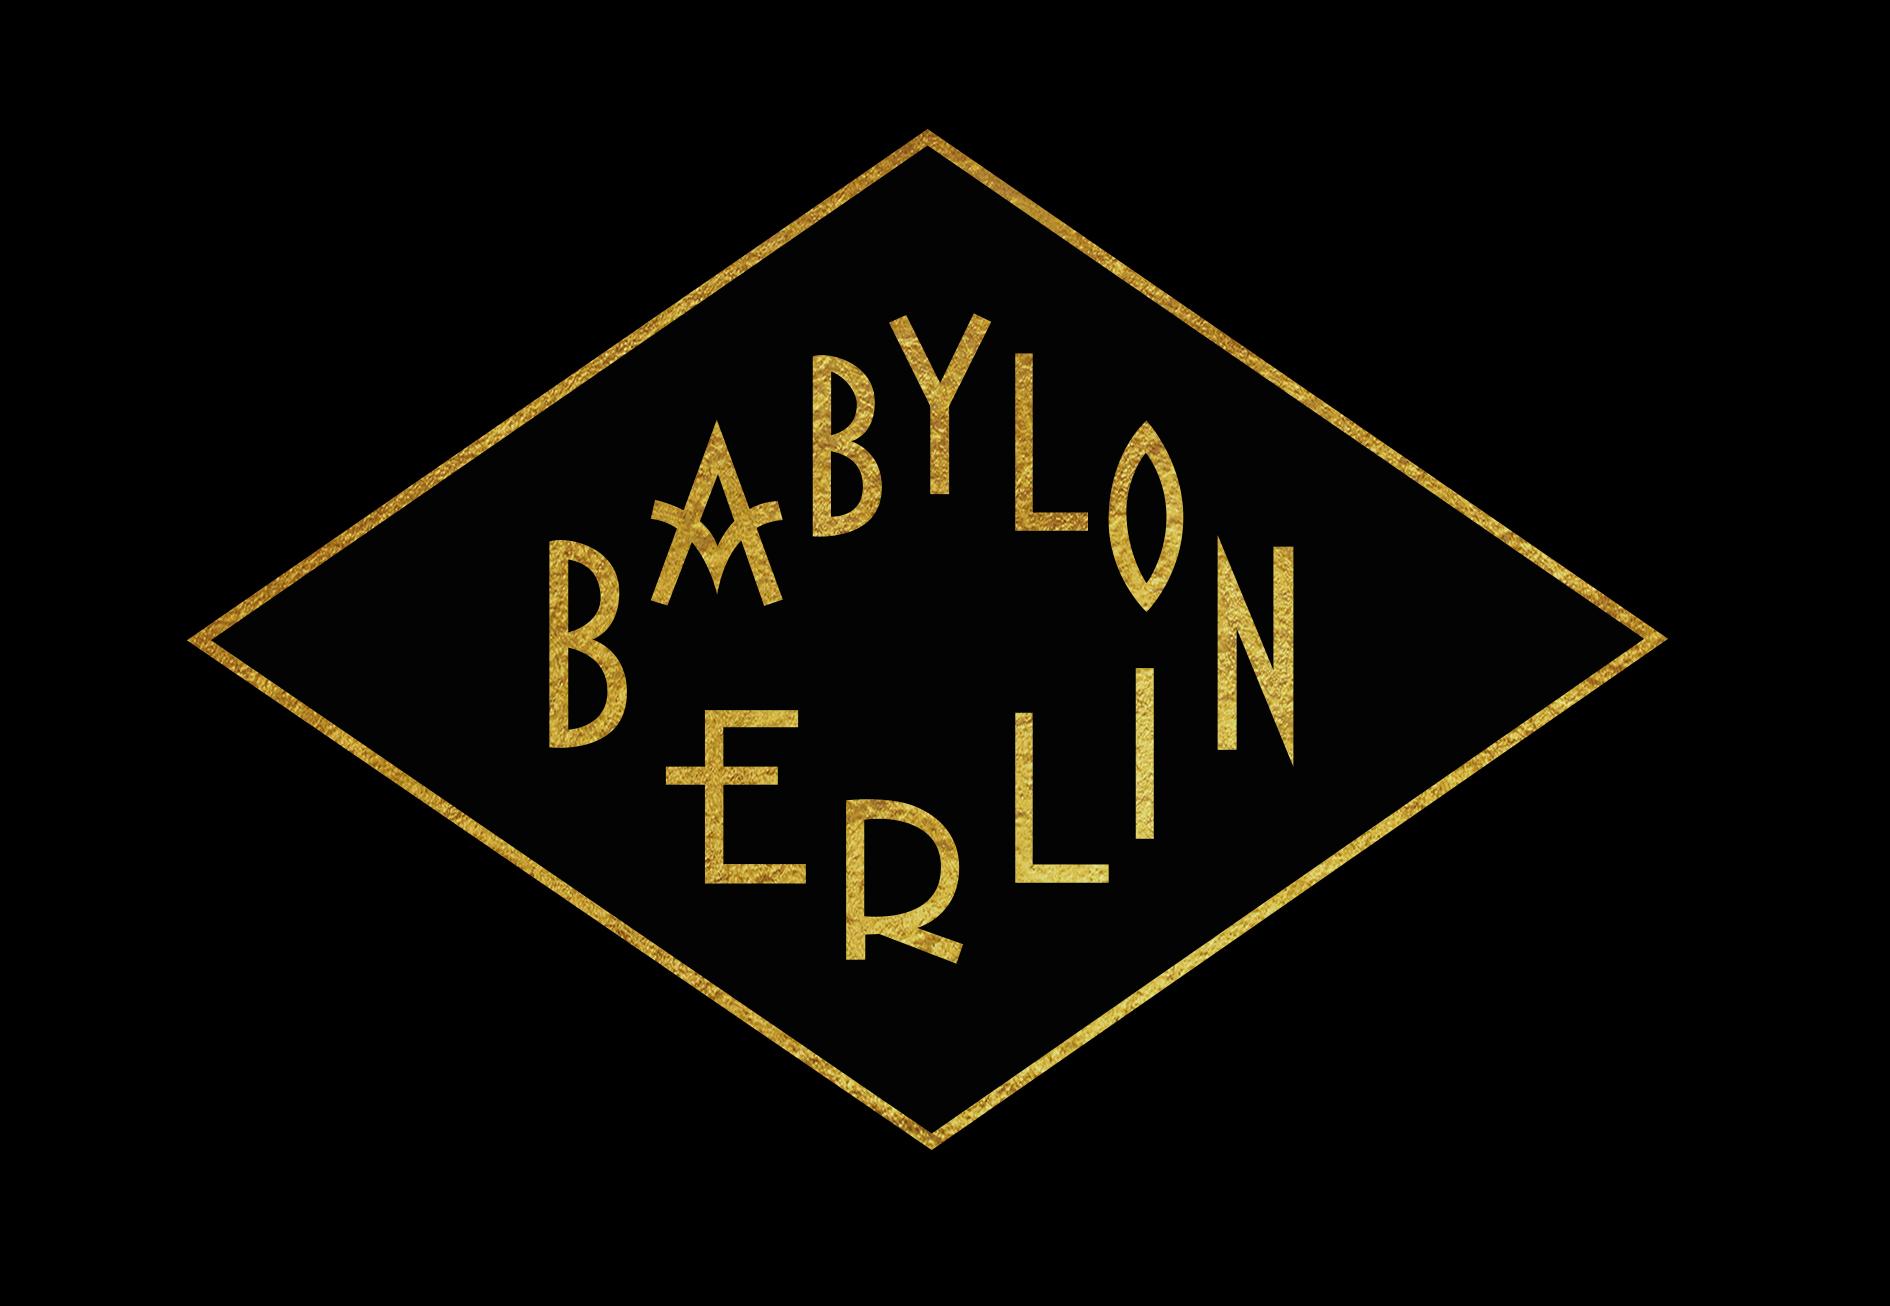 Das Erste Babylon Berlin Free Tv Premiere Ab 11 Oktober 2020 Im Ersten Zwolf Neue Presseportal